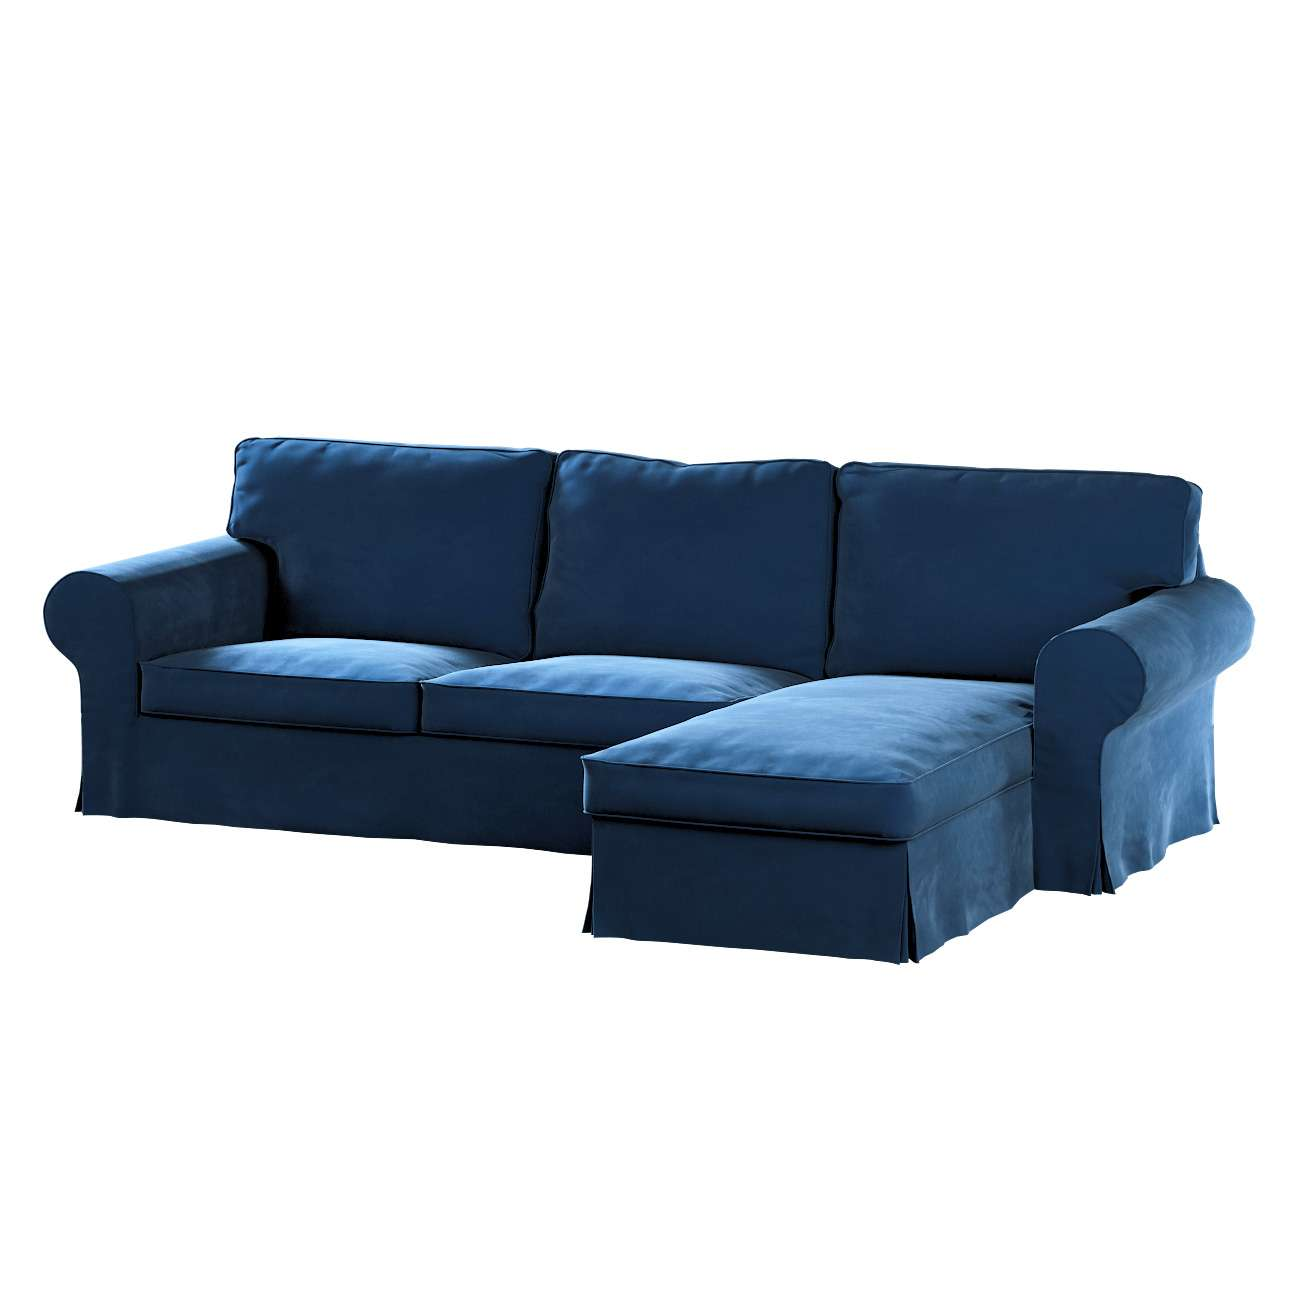 Pokrowiec na sofę Ektorp 2-osobową i leżankę w kolekcji Velvet, tkanina: 704-29